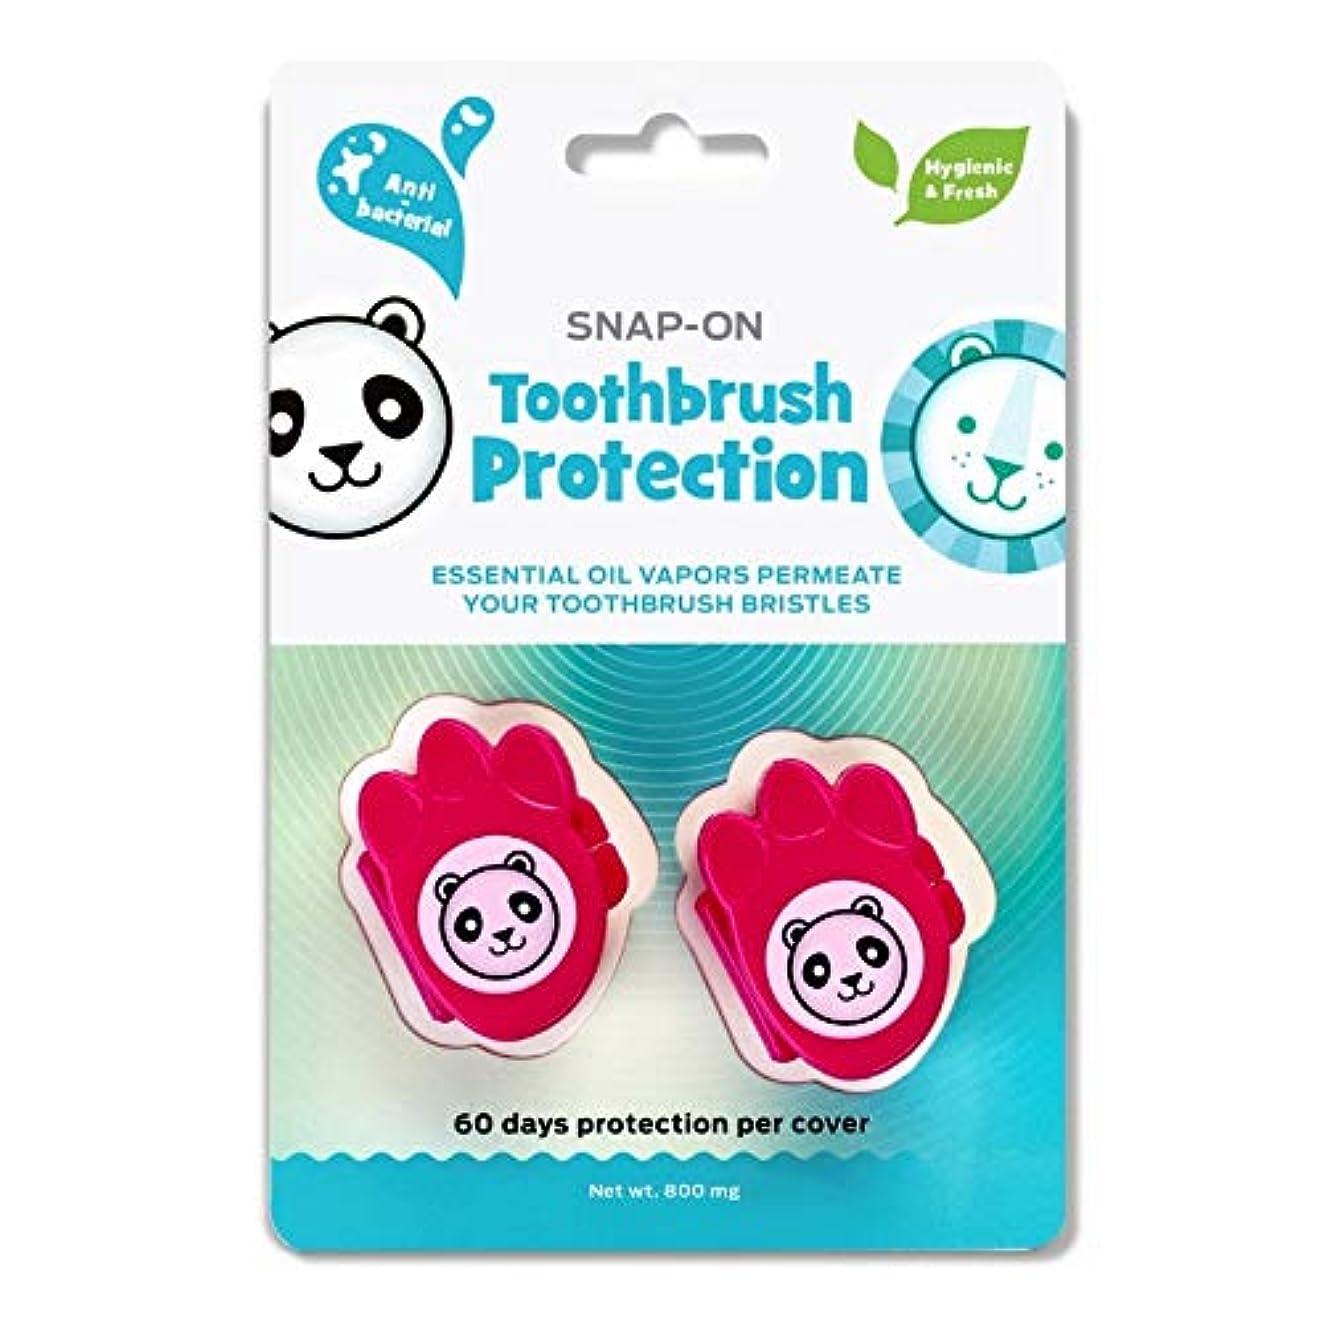 差別する練習した不正確Dr. Tung's Kid`Sスナップオン歯ブラシ消毒2 Eaが - は色が異なる場合がございます(2パック) 2パック